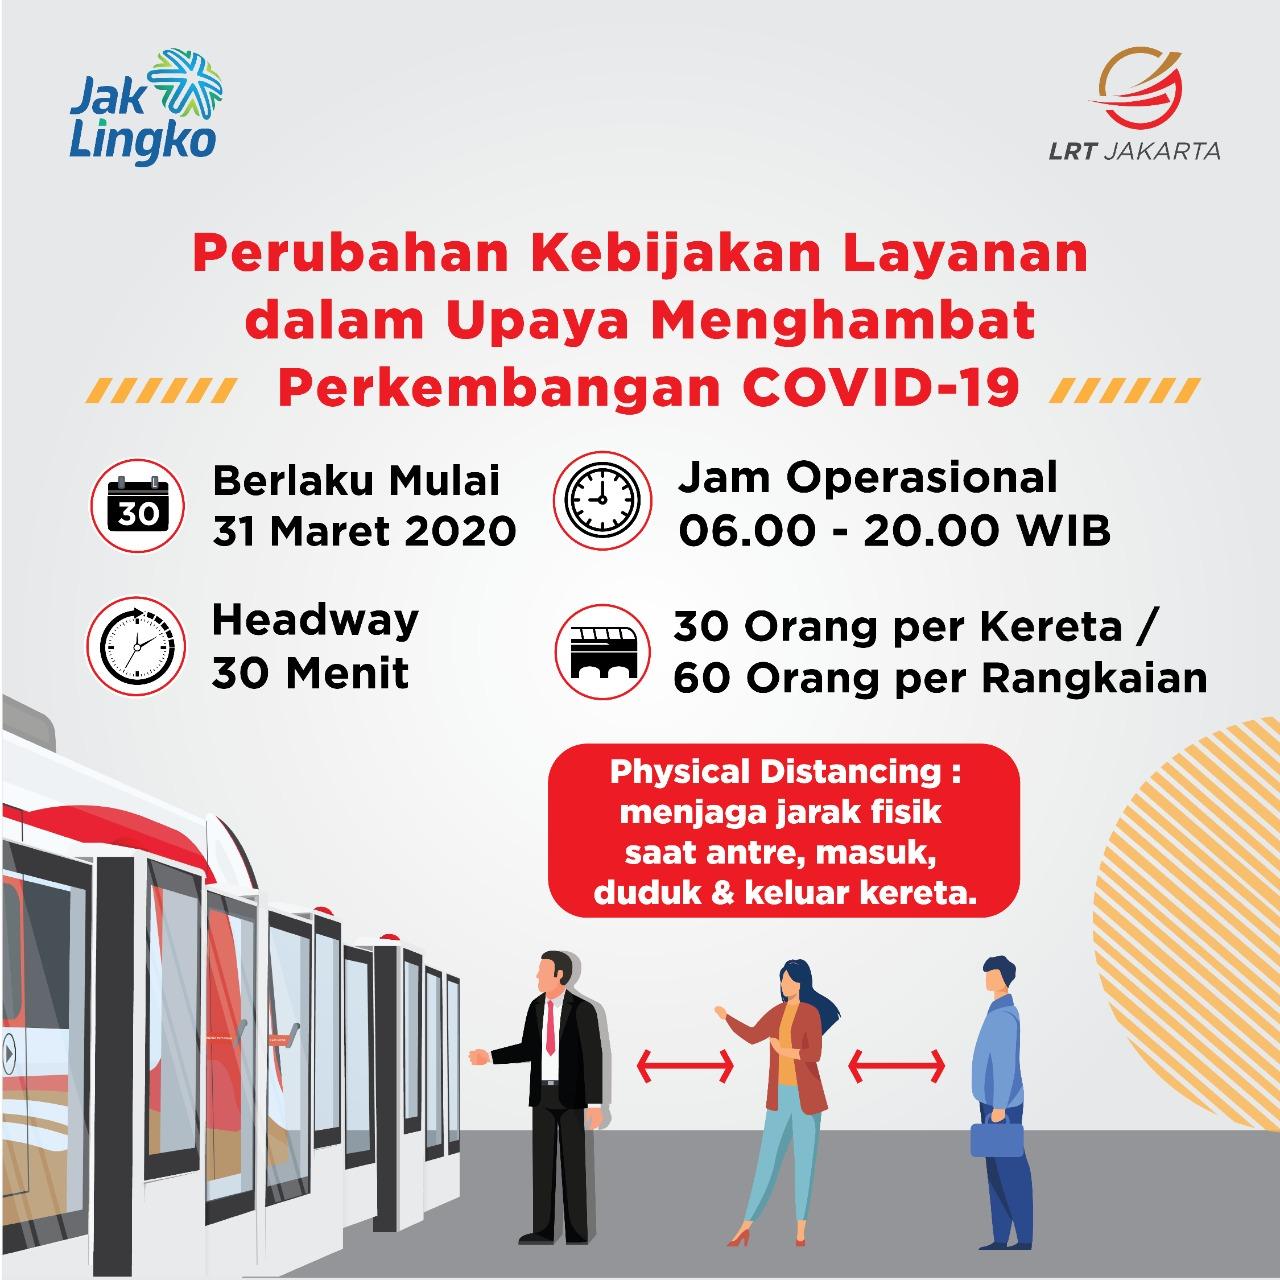 Pembatasan Layanan Operasional LRT Jakarta